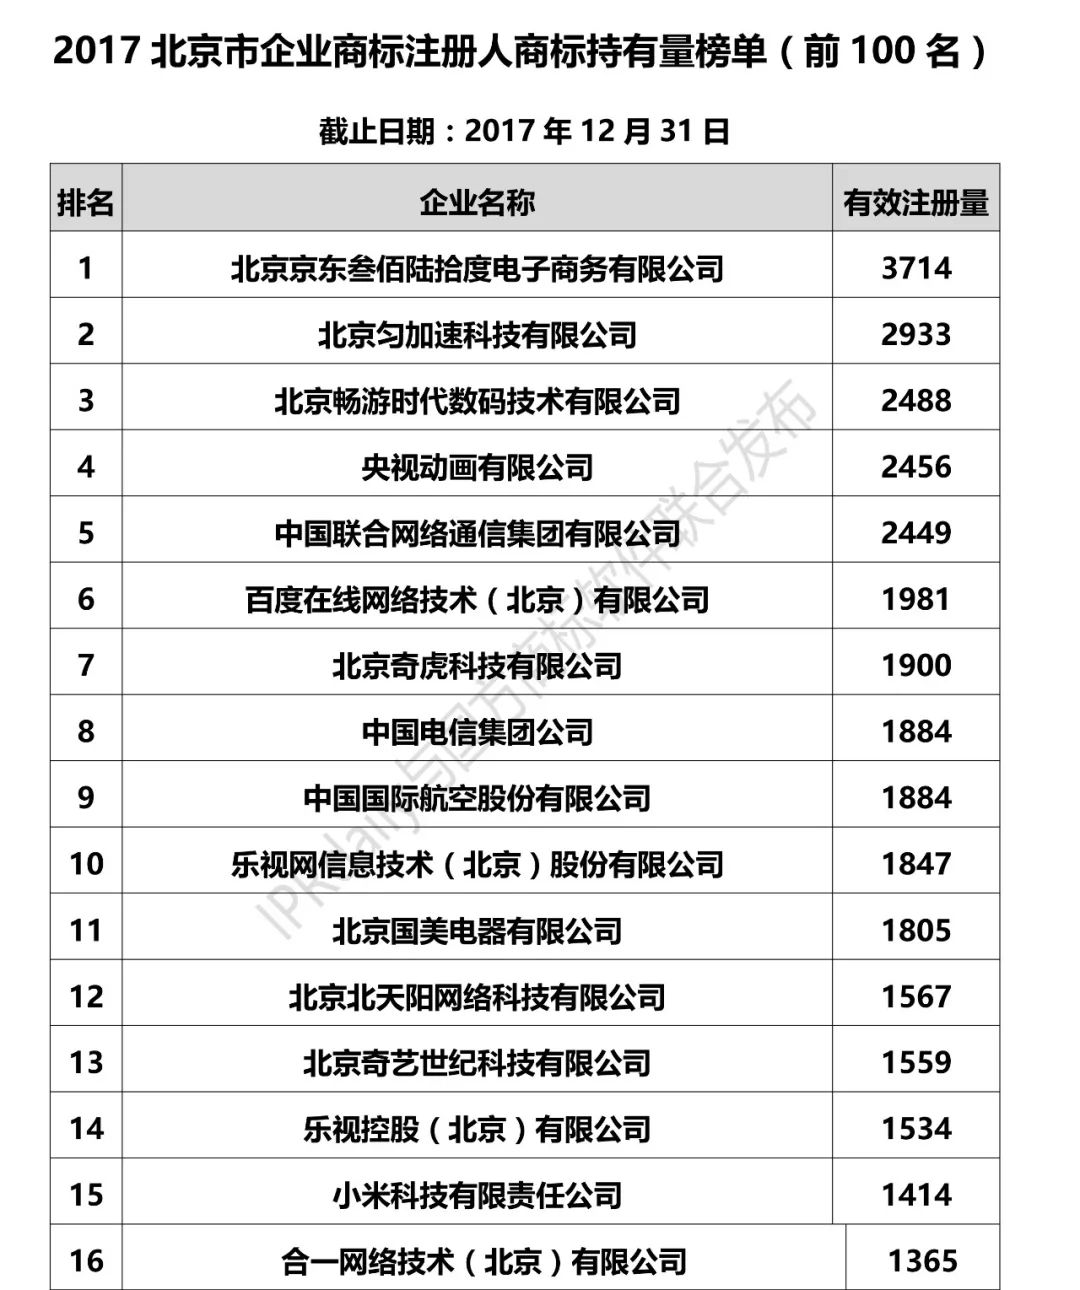 2017北京市企业商标注册人商标持有量榜单(前100名)